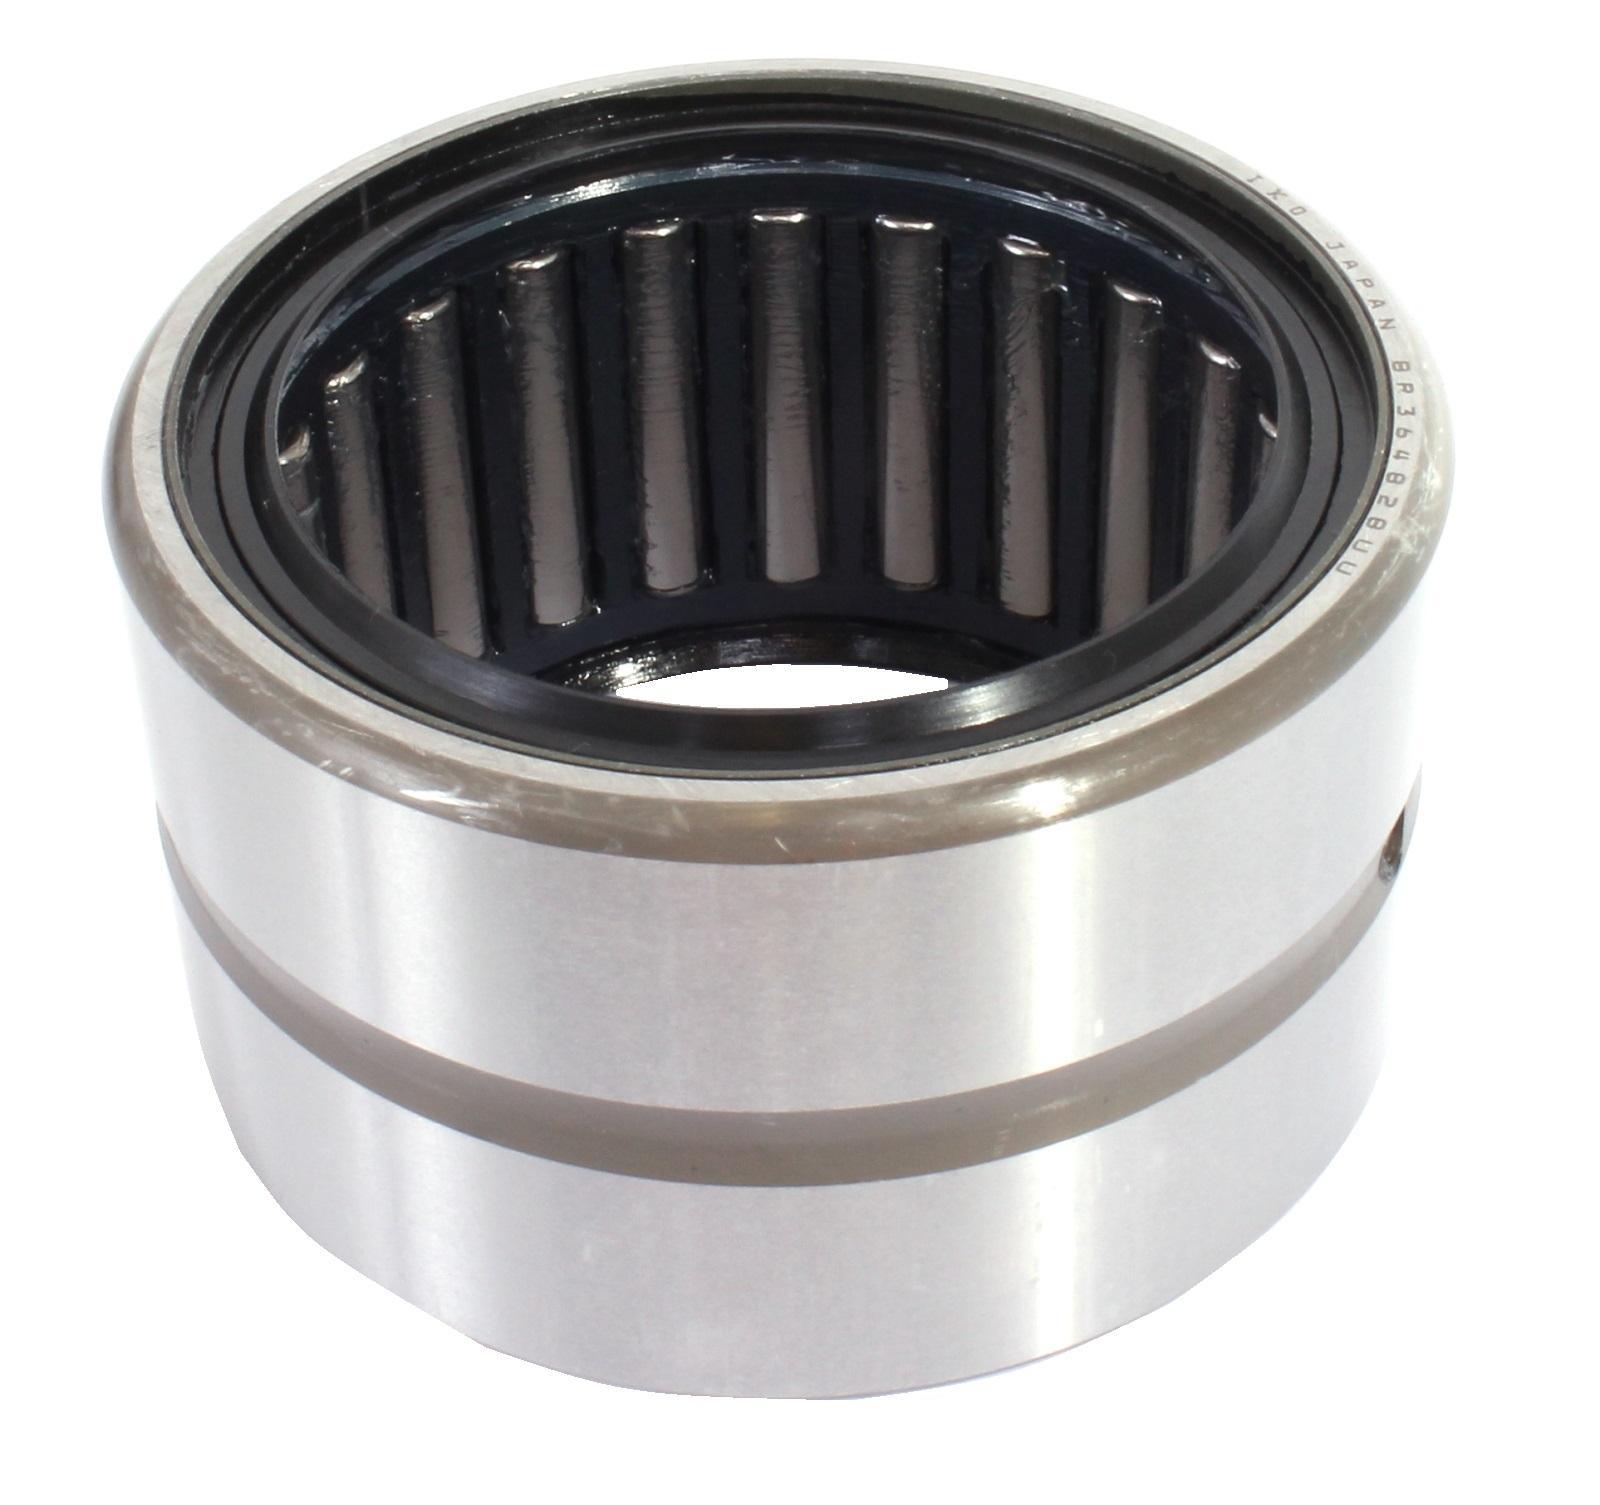 4pcs VISHAY MKT1813 0.33uF//1000V Polyester film foil axial capacitor ERO 330nF